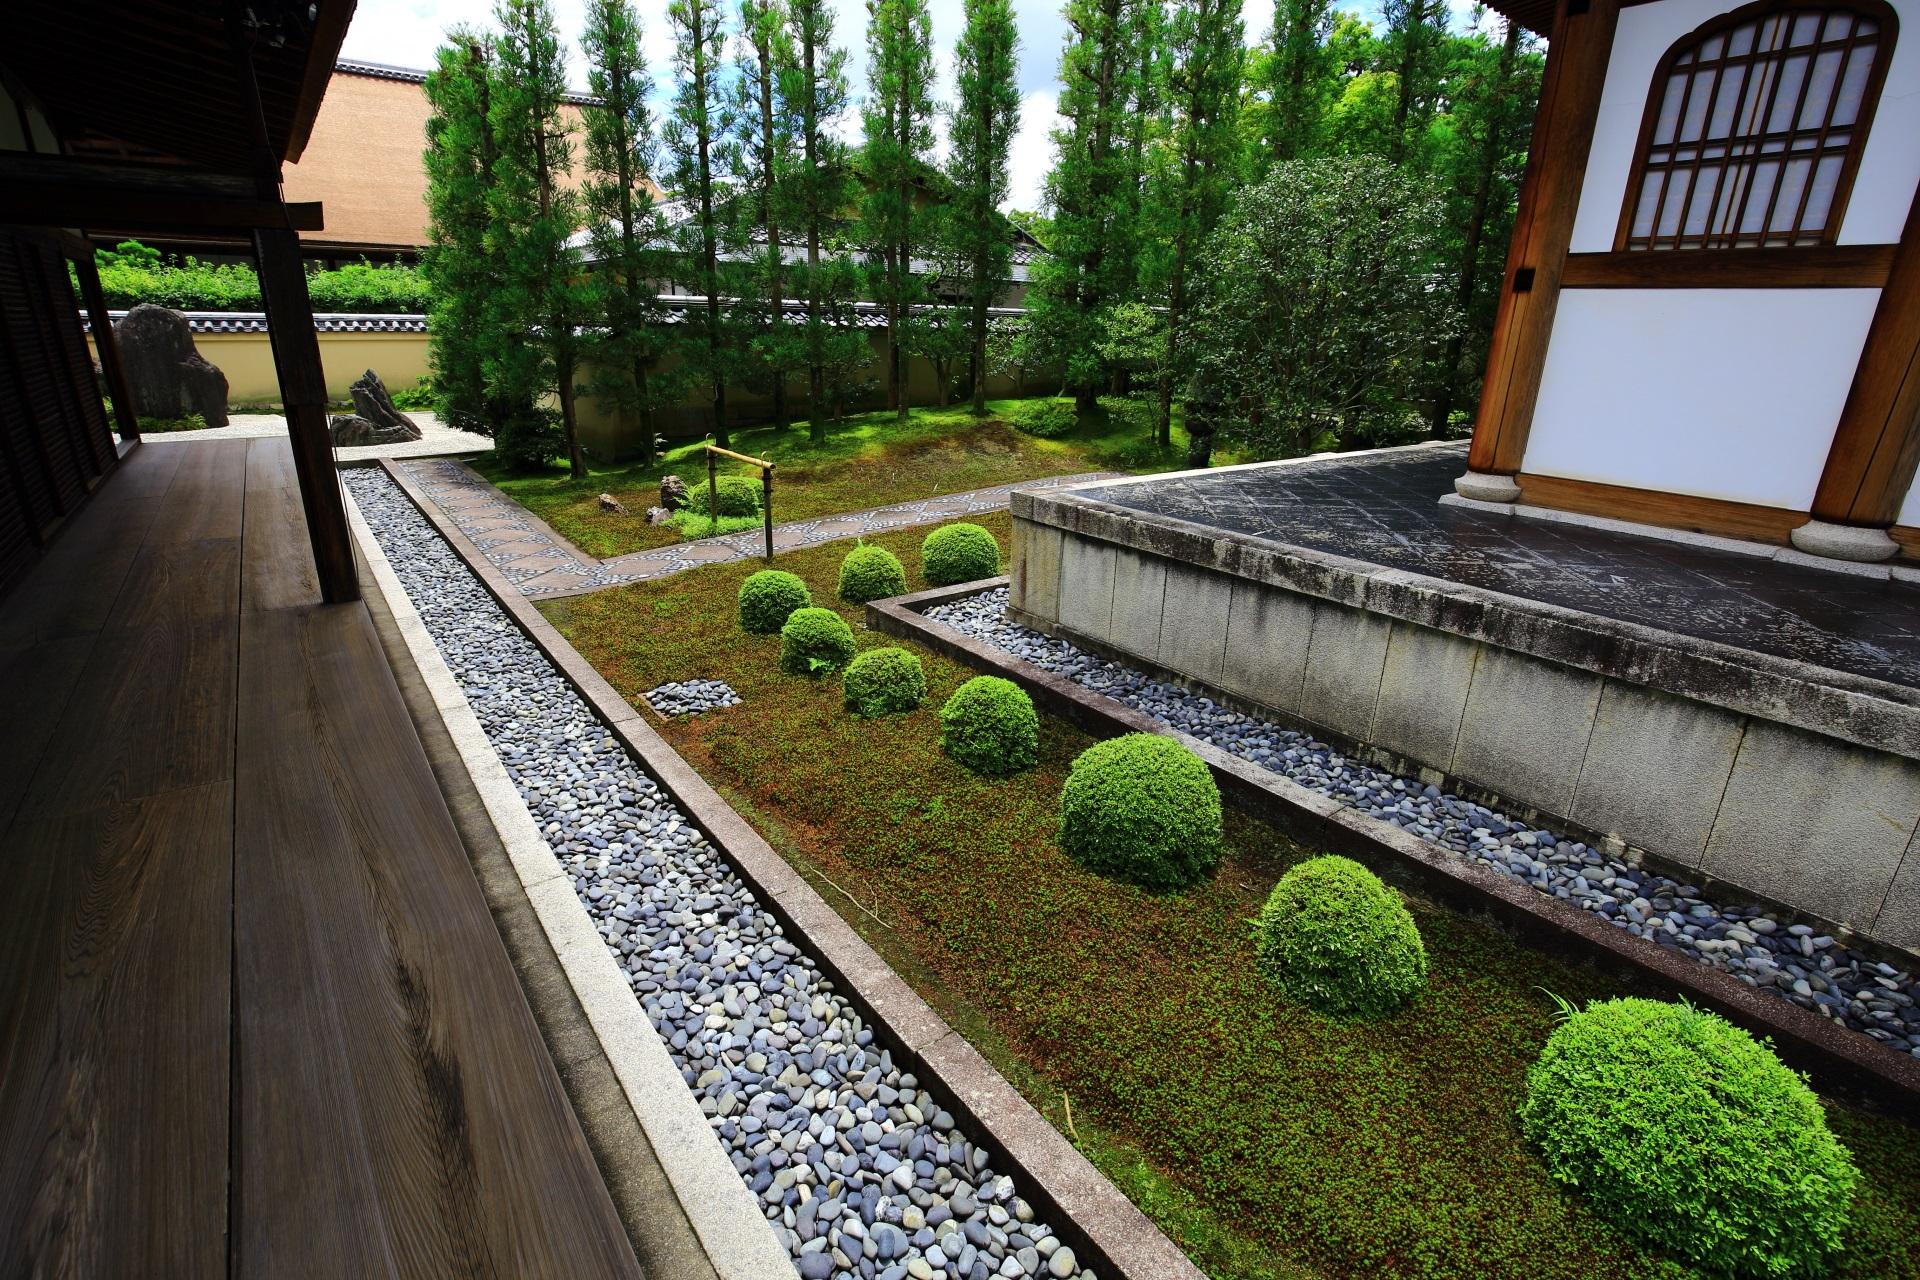 鮮やかな緑の刈り込みが彩りをそえる龍源院の開祖堂